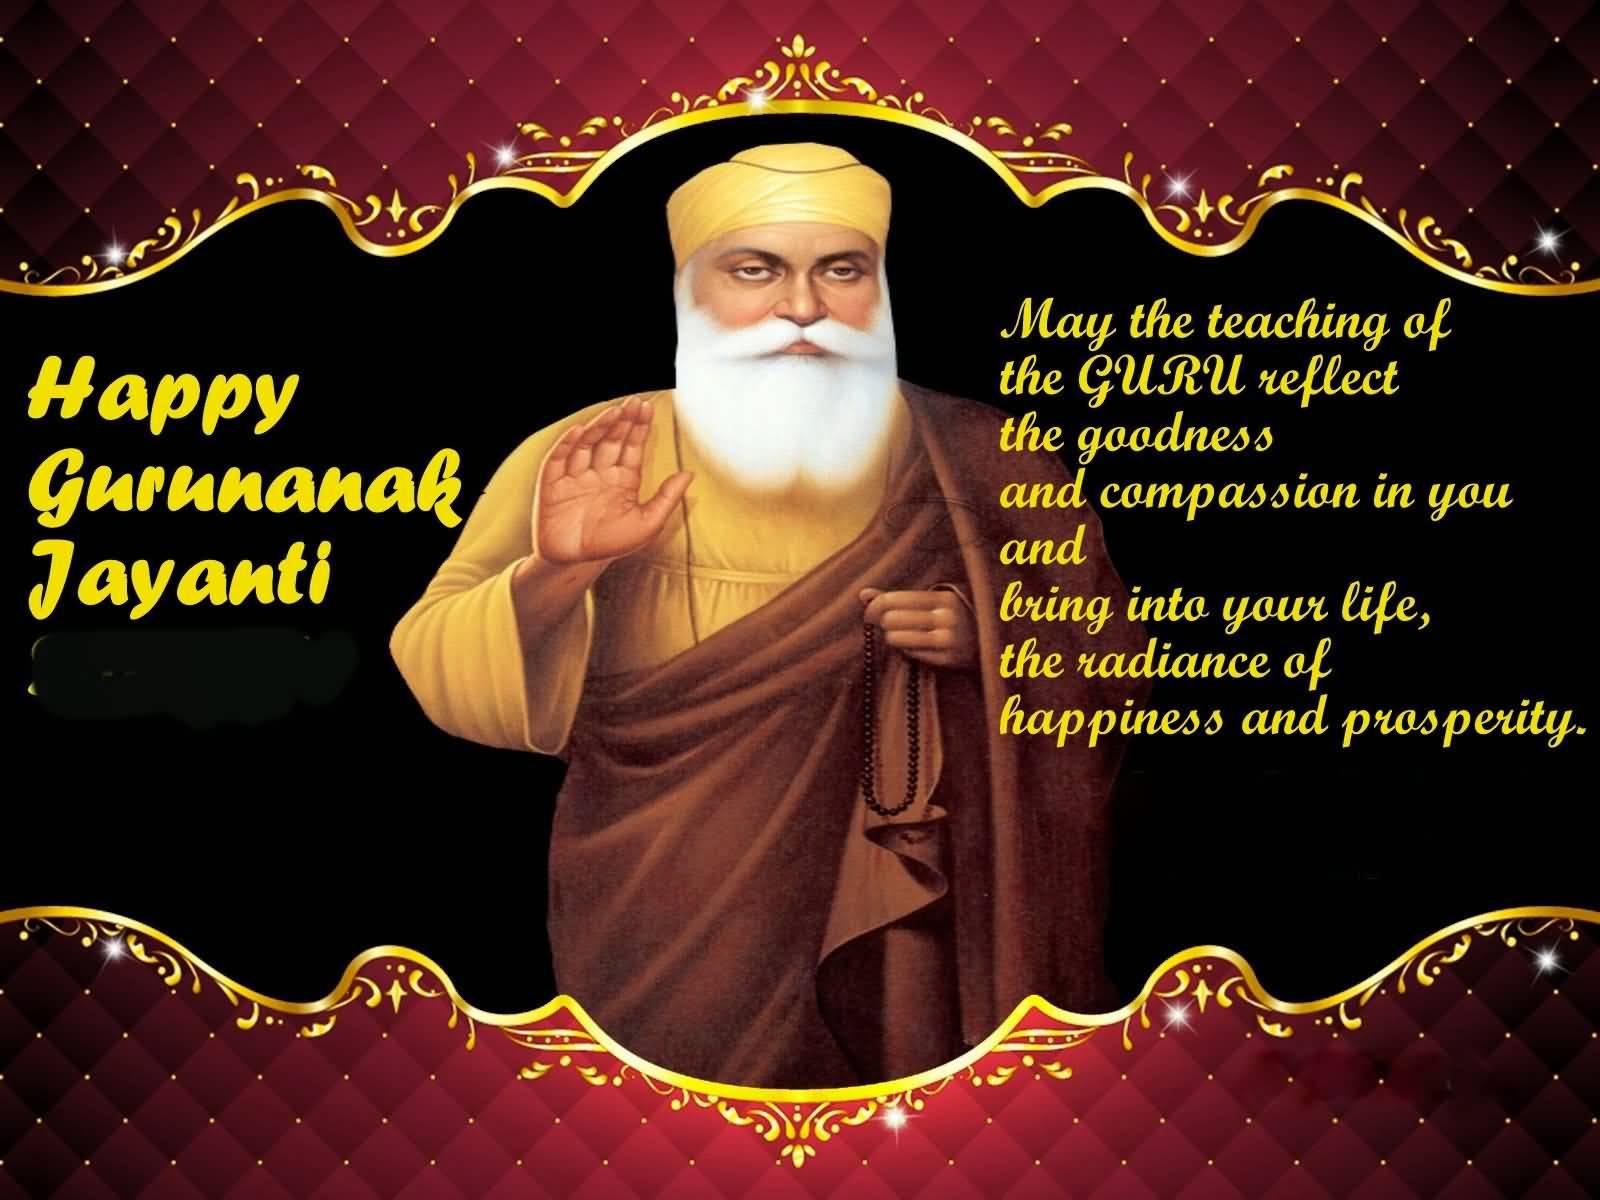 Happy Guru nanak jayanti gurpurab wishes